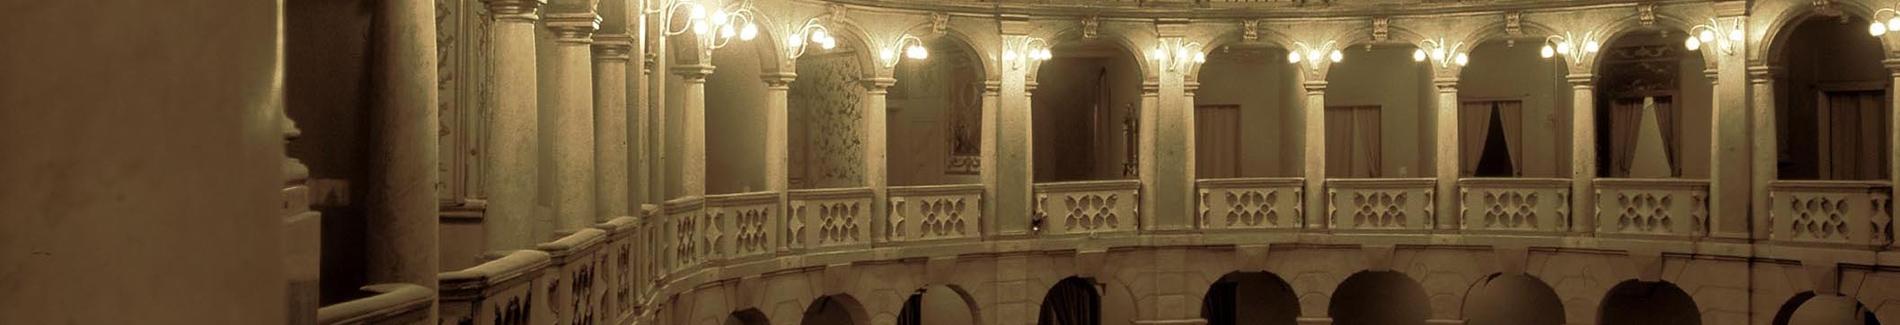 Torrevilla è sponsor ufficiale del Teatro Fraschini di Pavia